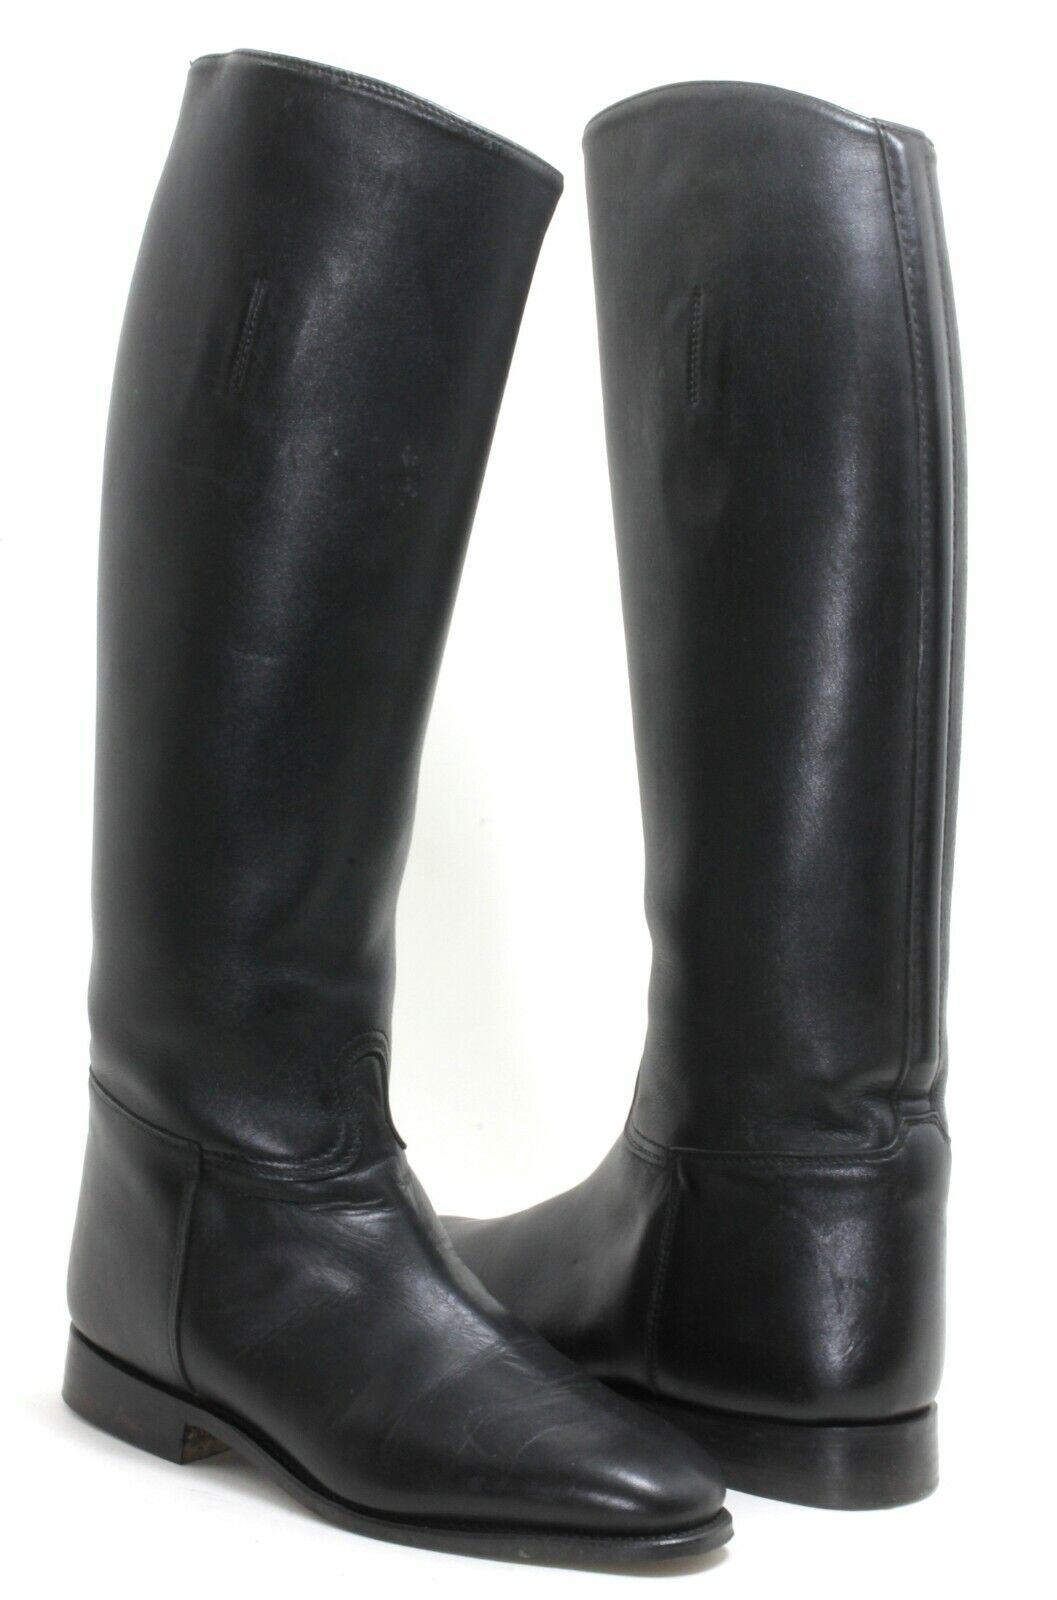 Dressurreitstiefel Reitstiefel Stiefel black Leder Königs 3589 5 2 93